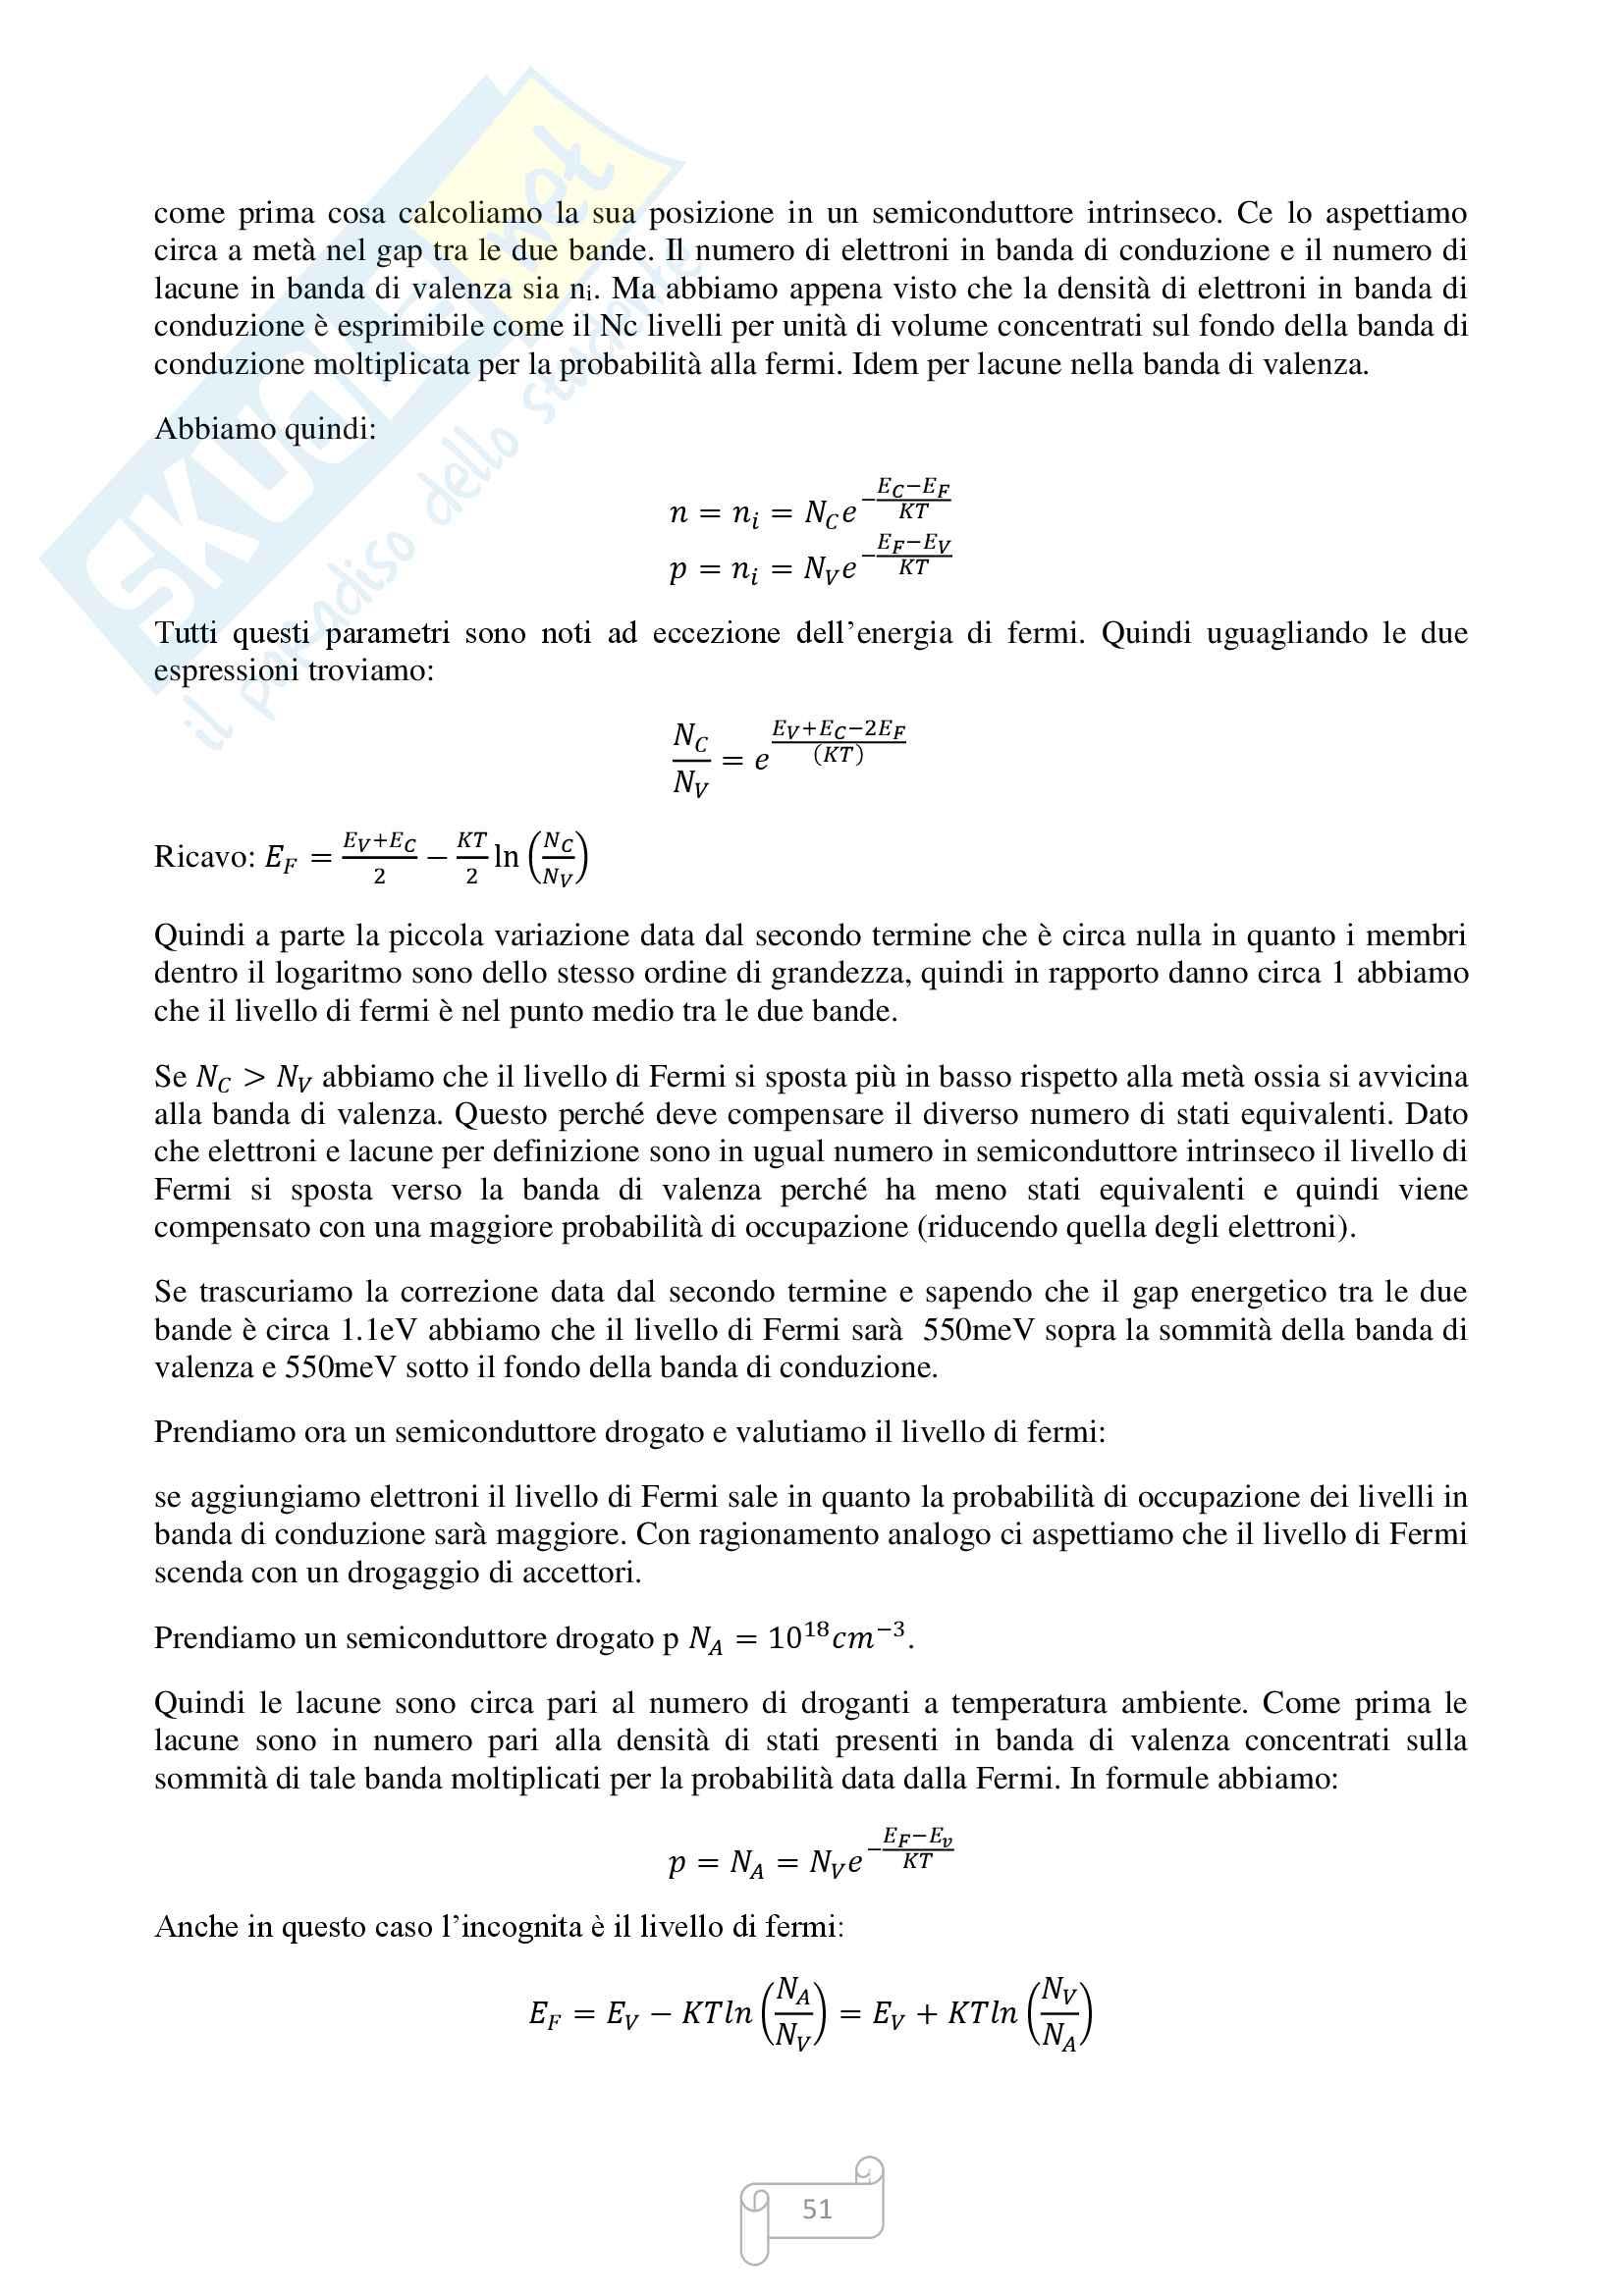 Appunti dispositivi elettronici Pag. 51